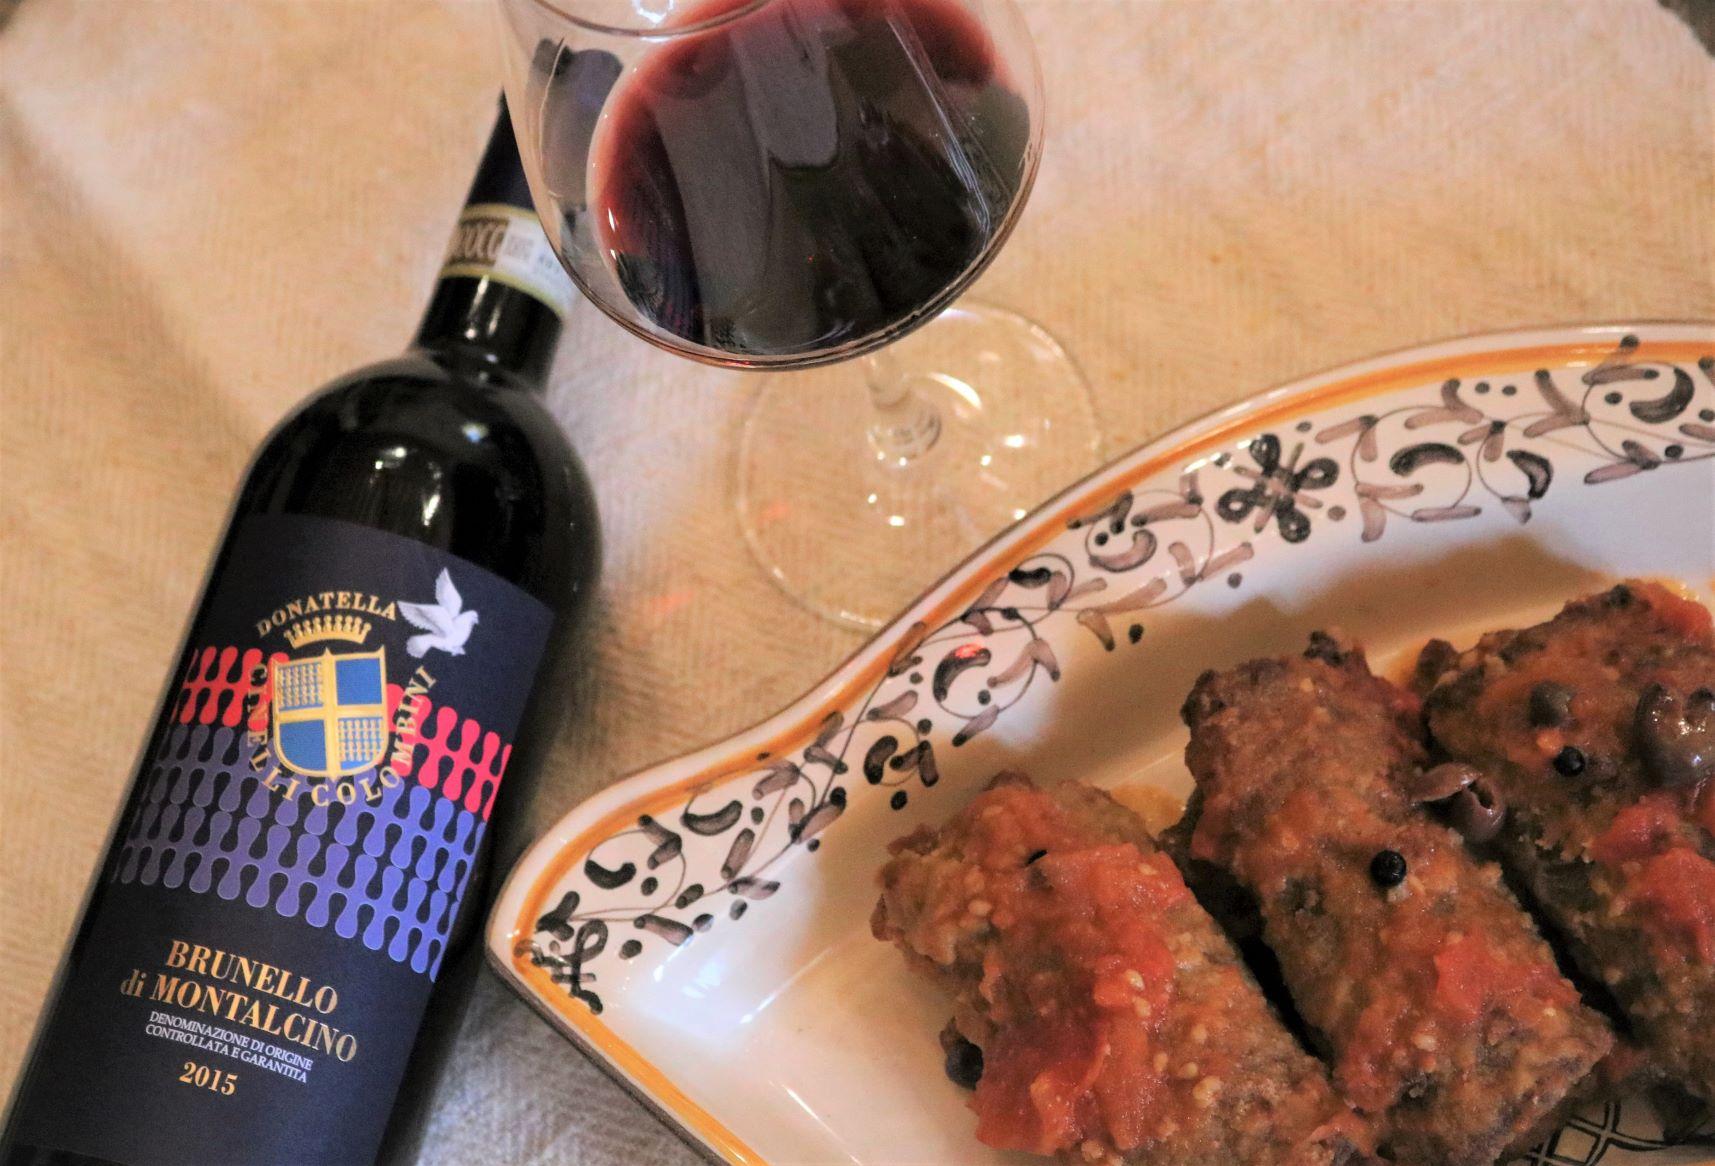 Ricetta tordi finti e Brunello di Montalcino